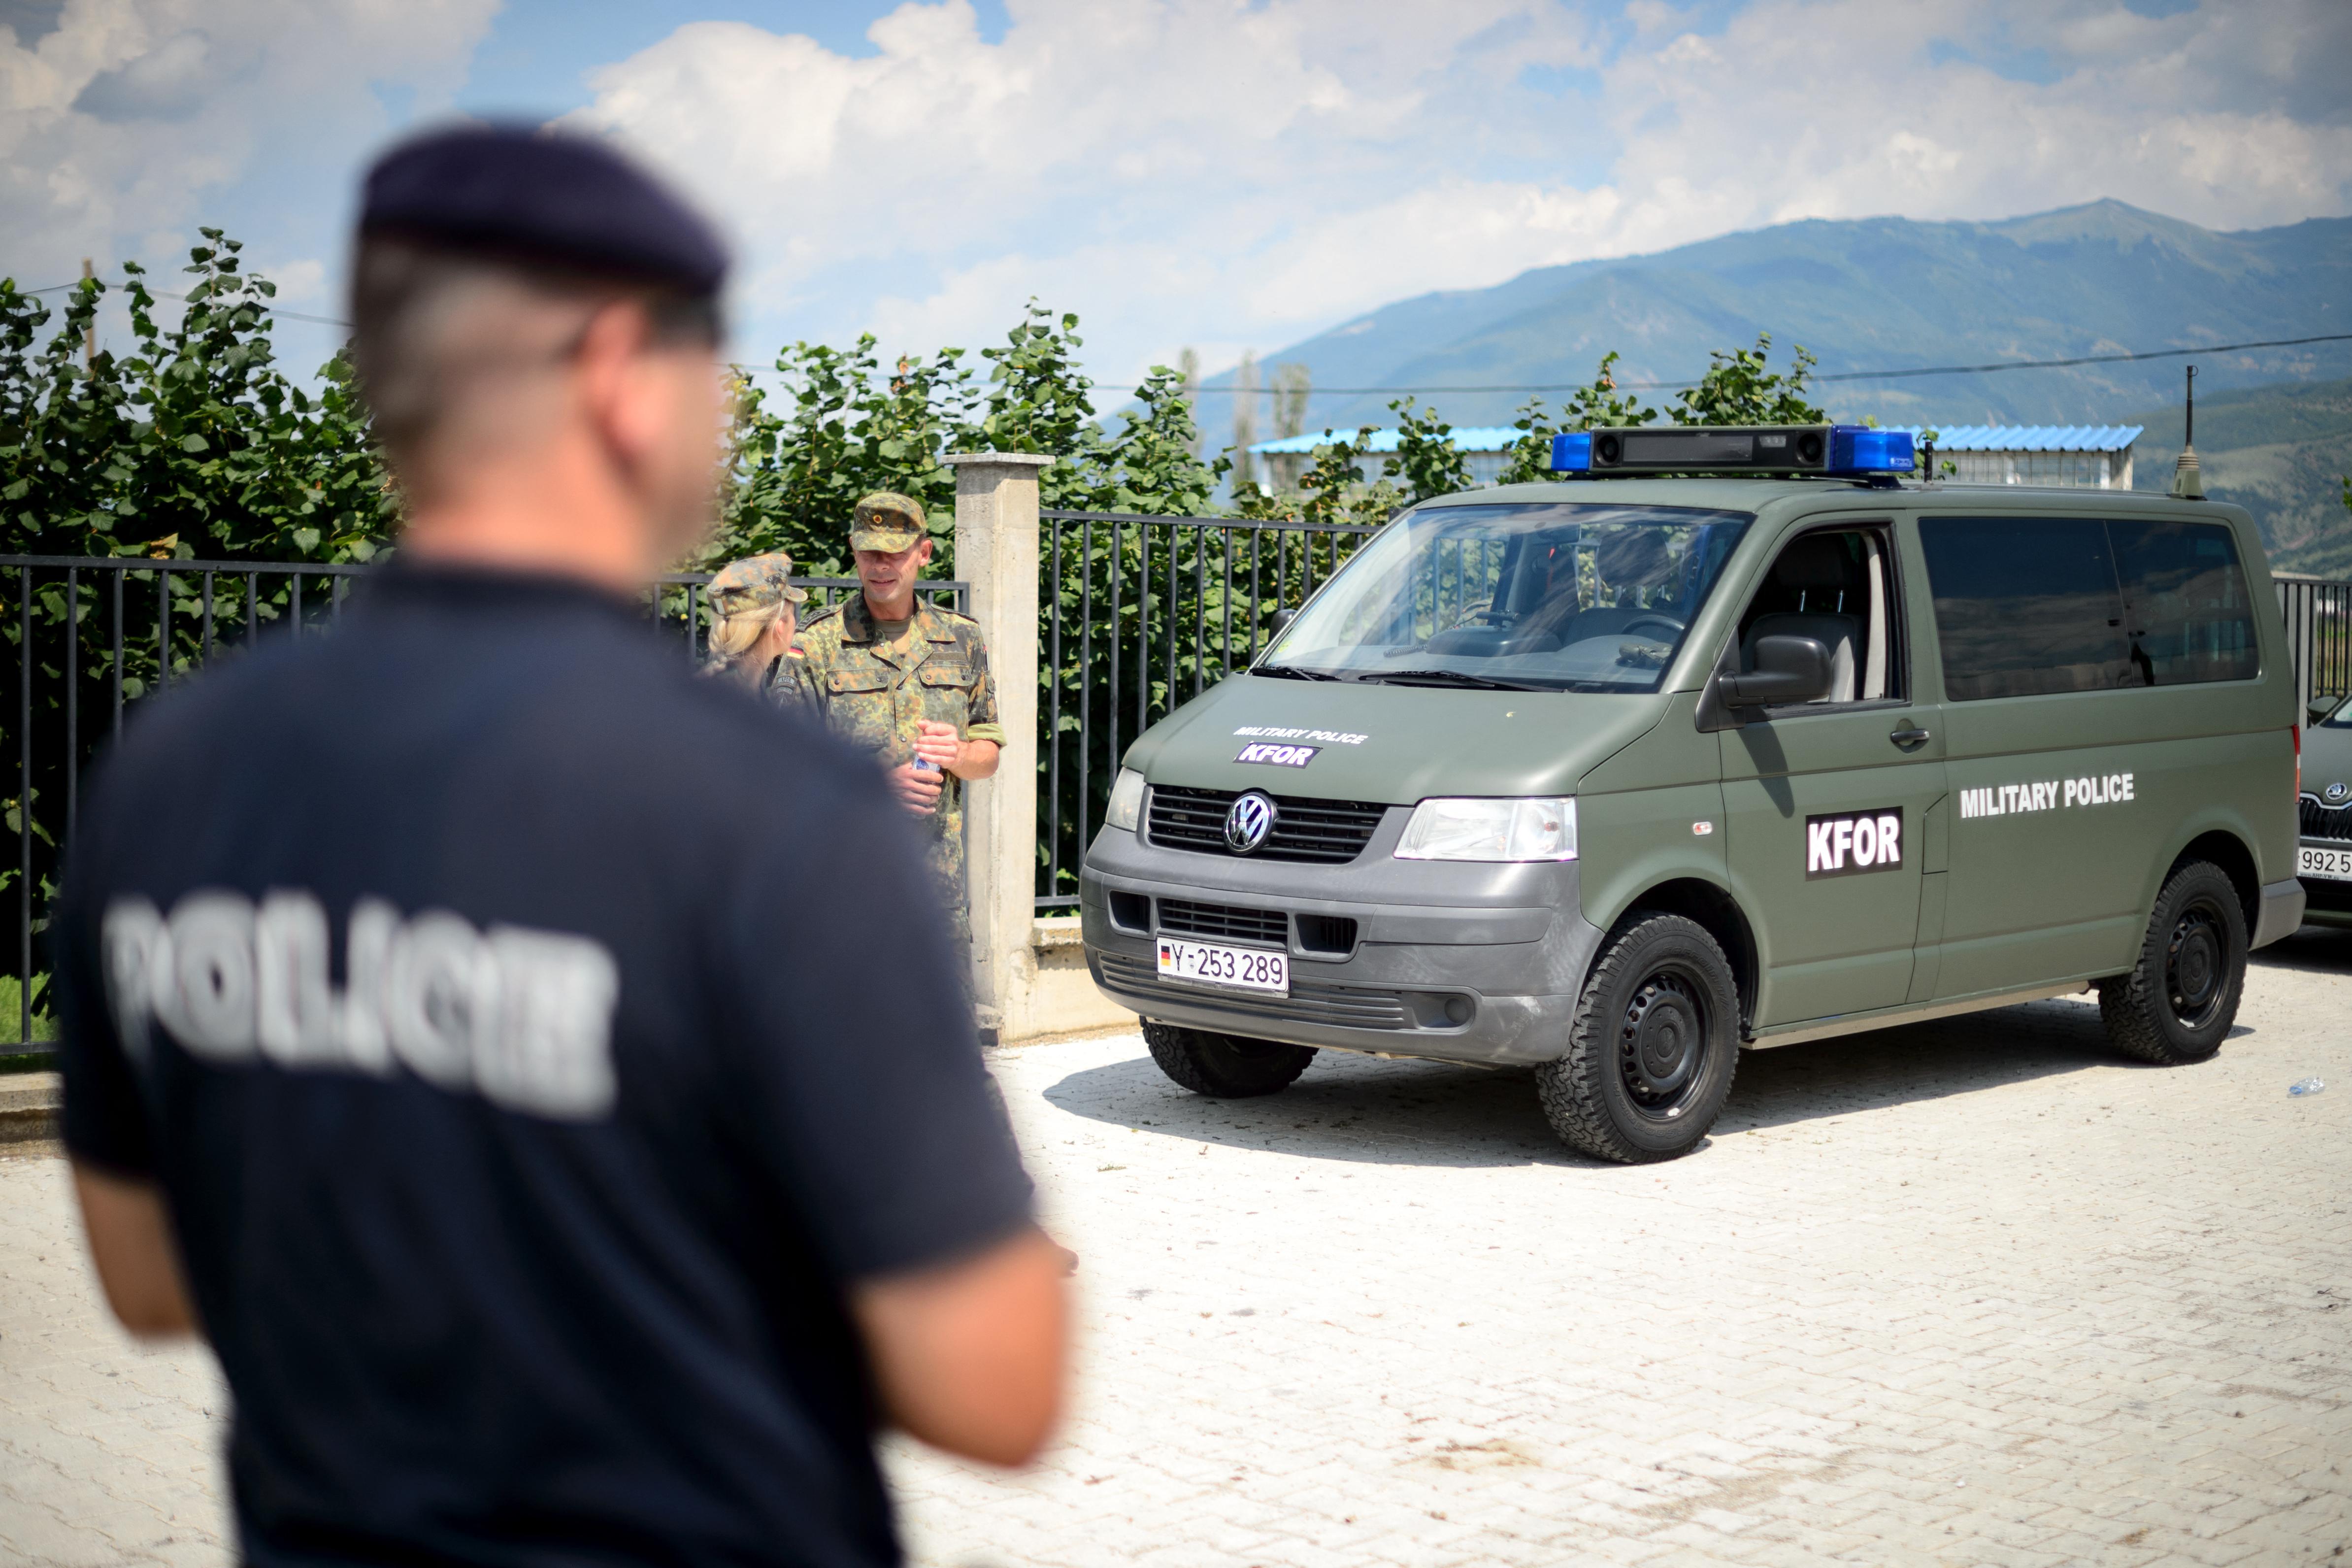 Lélegeztetőgép-diplomácia: most a NATO-n keresztül ajándékoz Magyarország